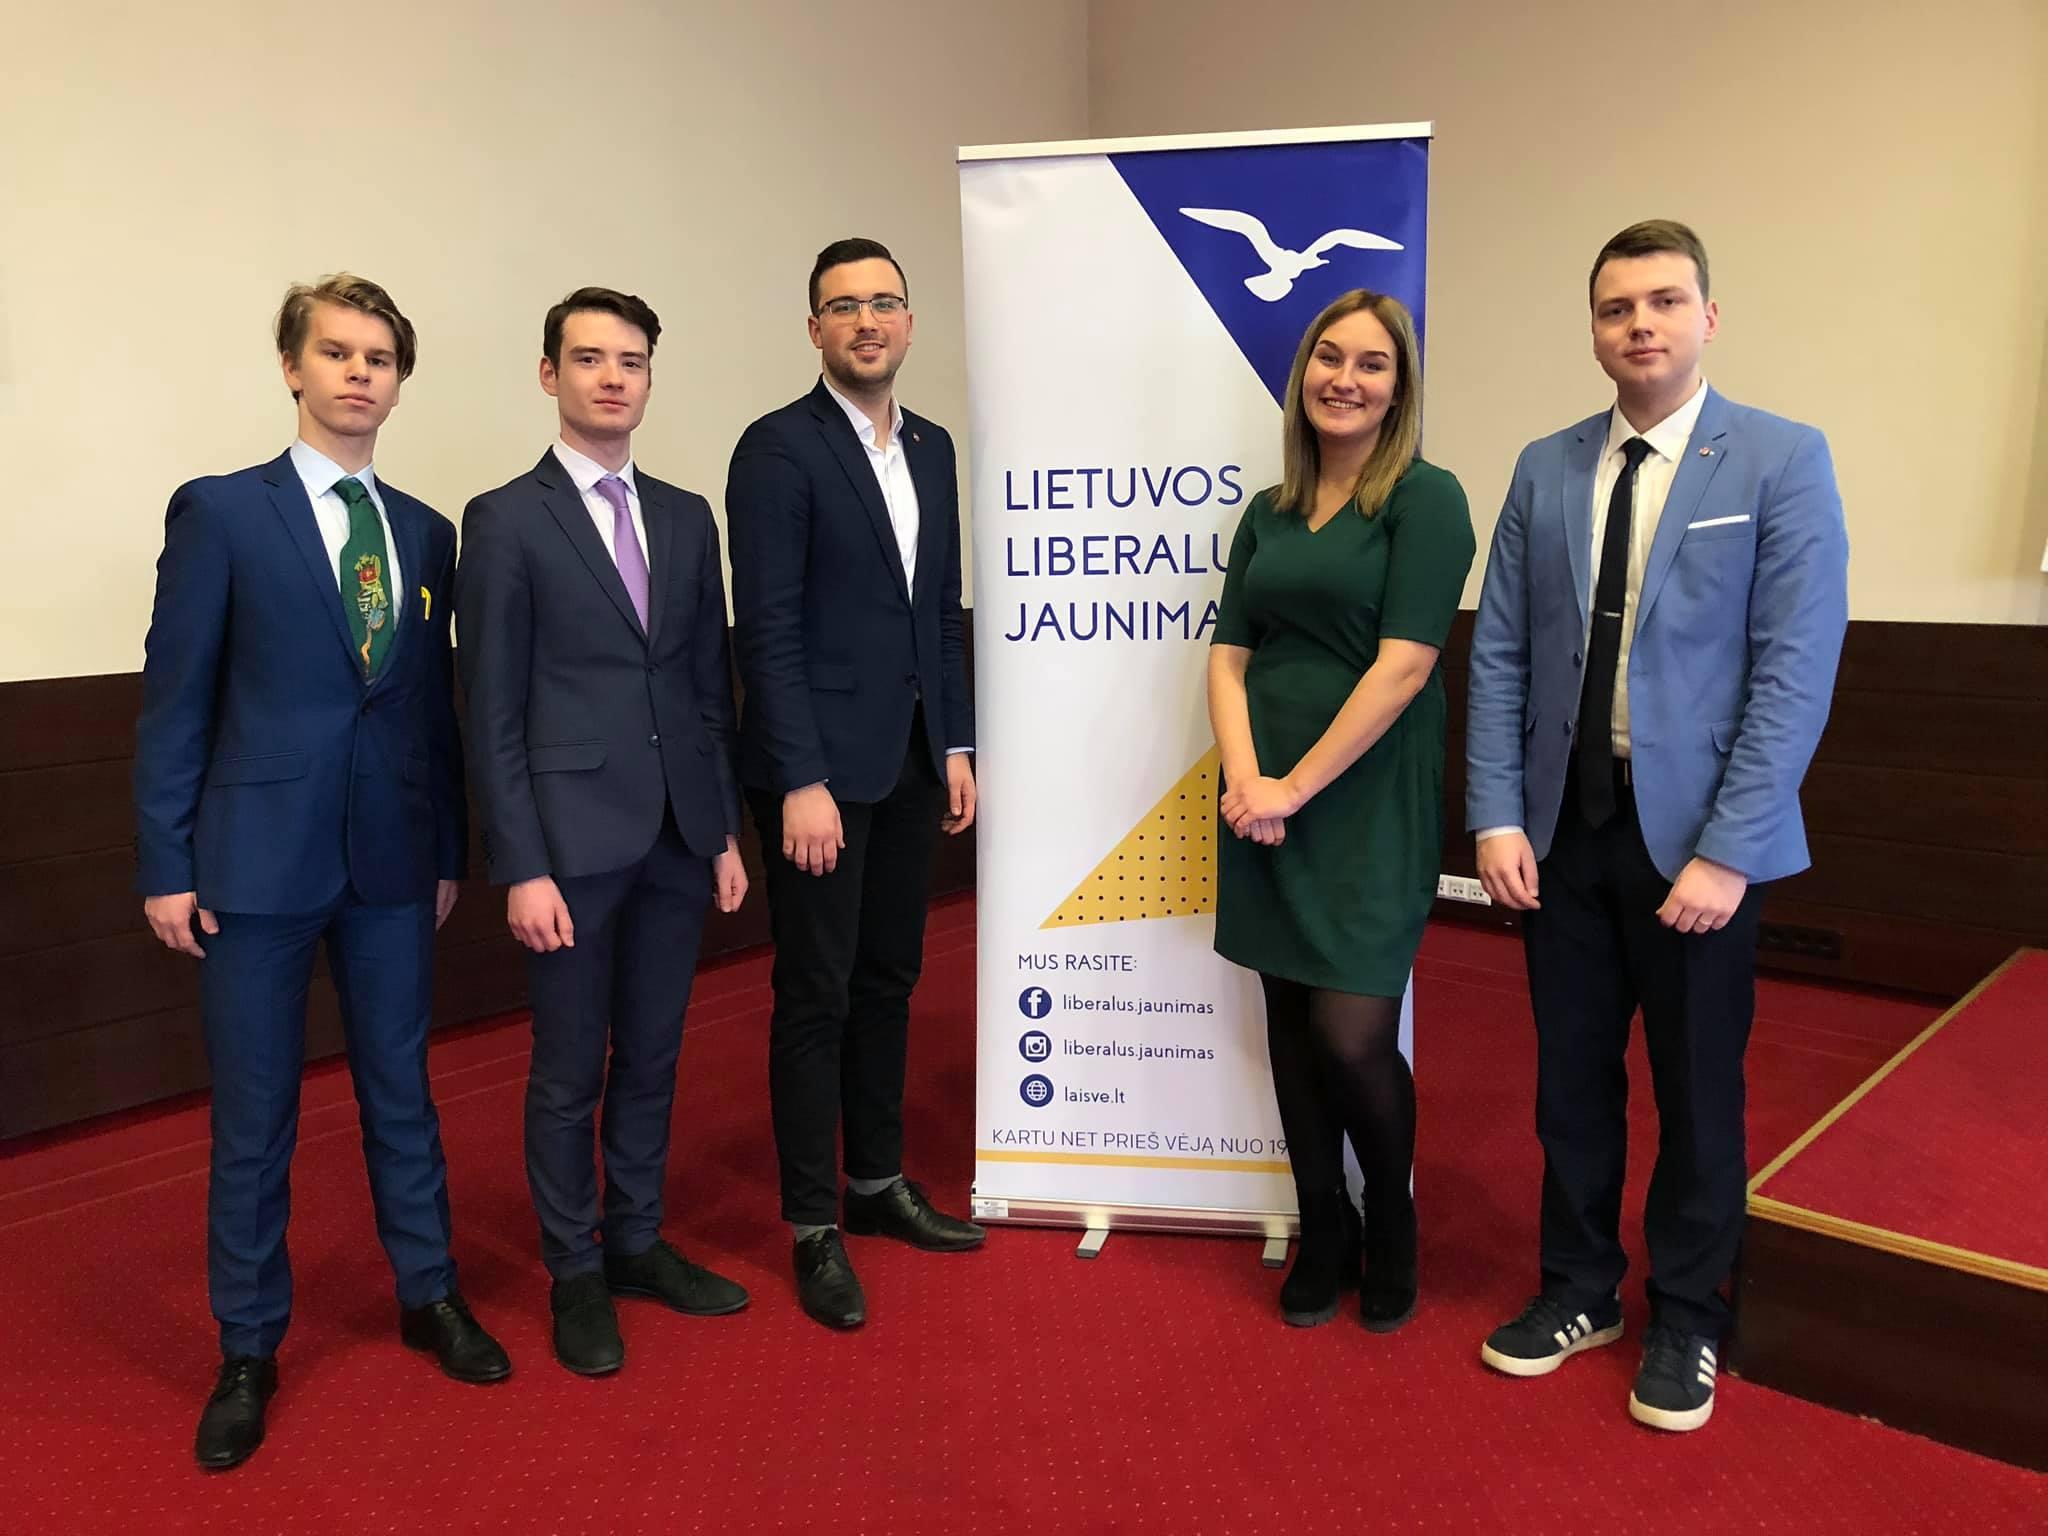 Viesojamies mūsu Lietuvas draugu un sadarbības partneru Lietuvos liberalus jaunimas 32. kongresā